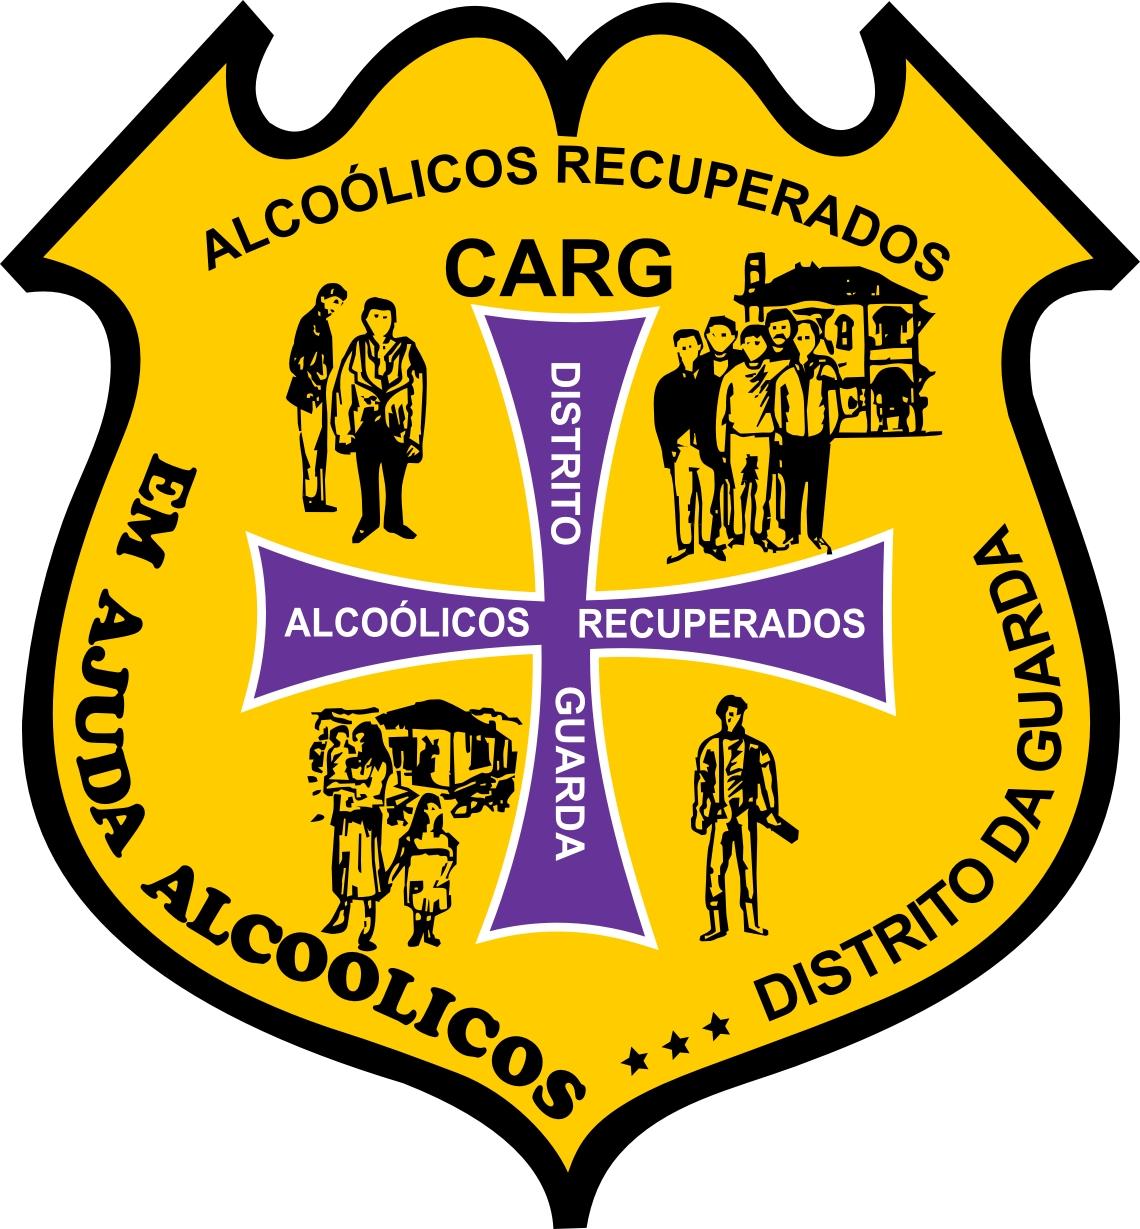 Protocolo entre Núcleo regional da Guarda e Centro de Alcoólicos recuperados do distrito da Guarda (CARG)